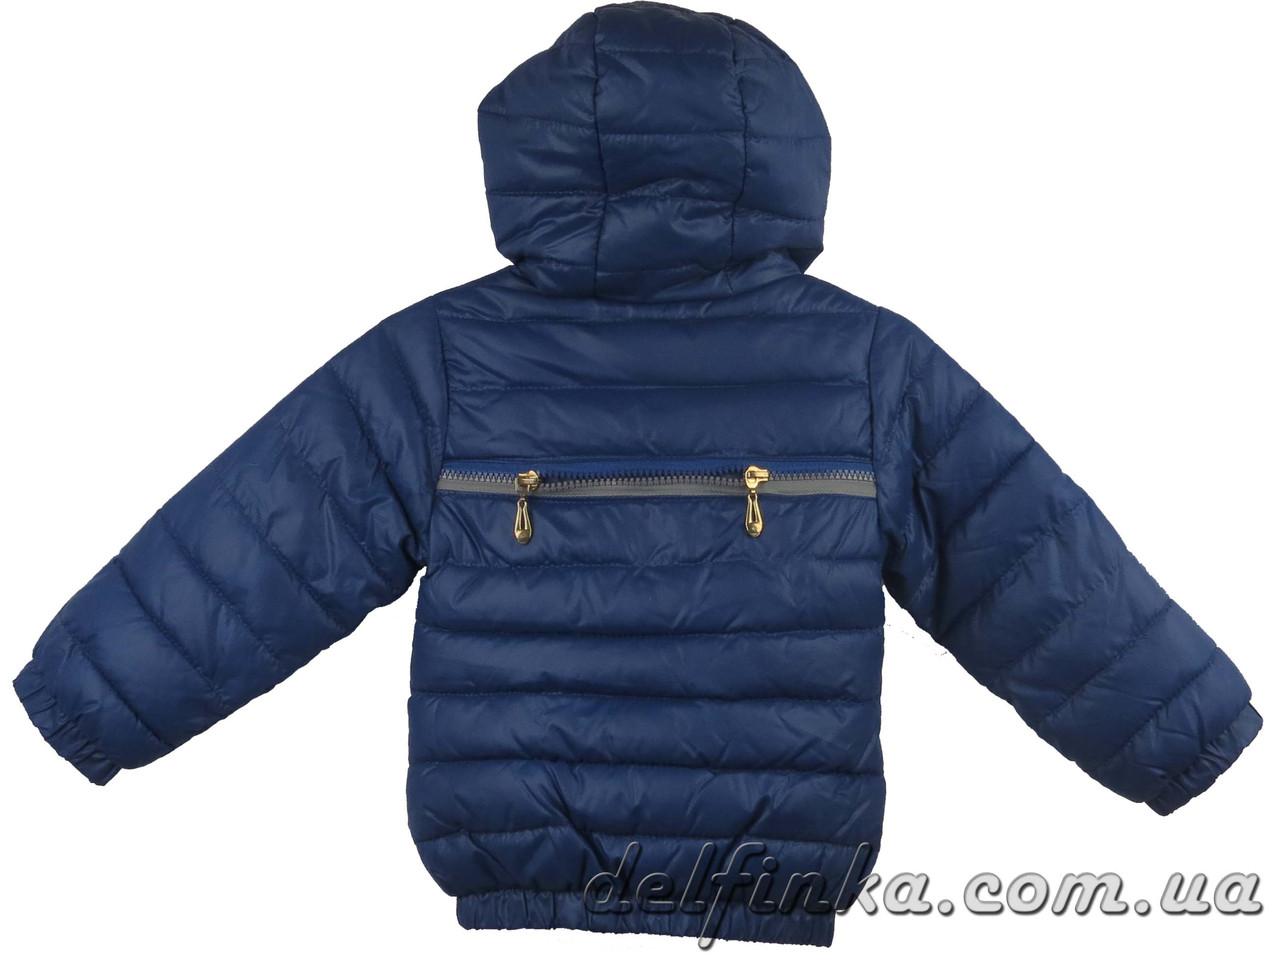 Куртка для девочек демисизонная 1-4 лет цвет синий, фото 2